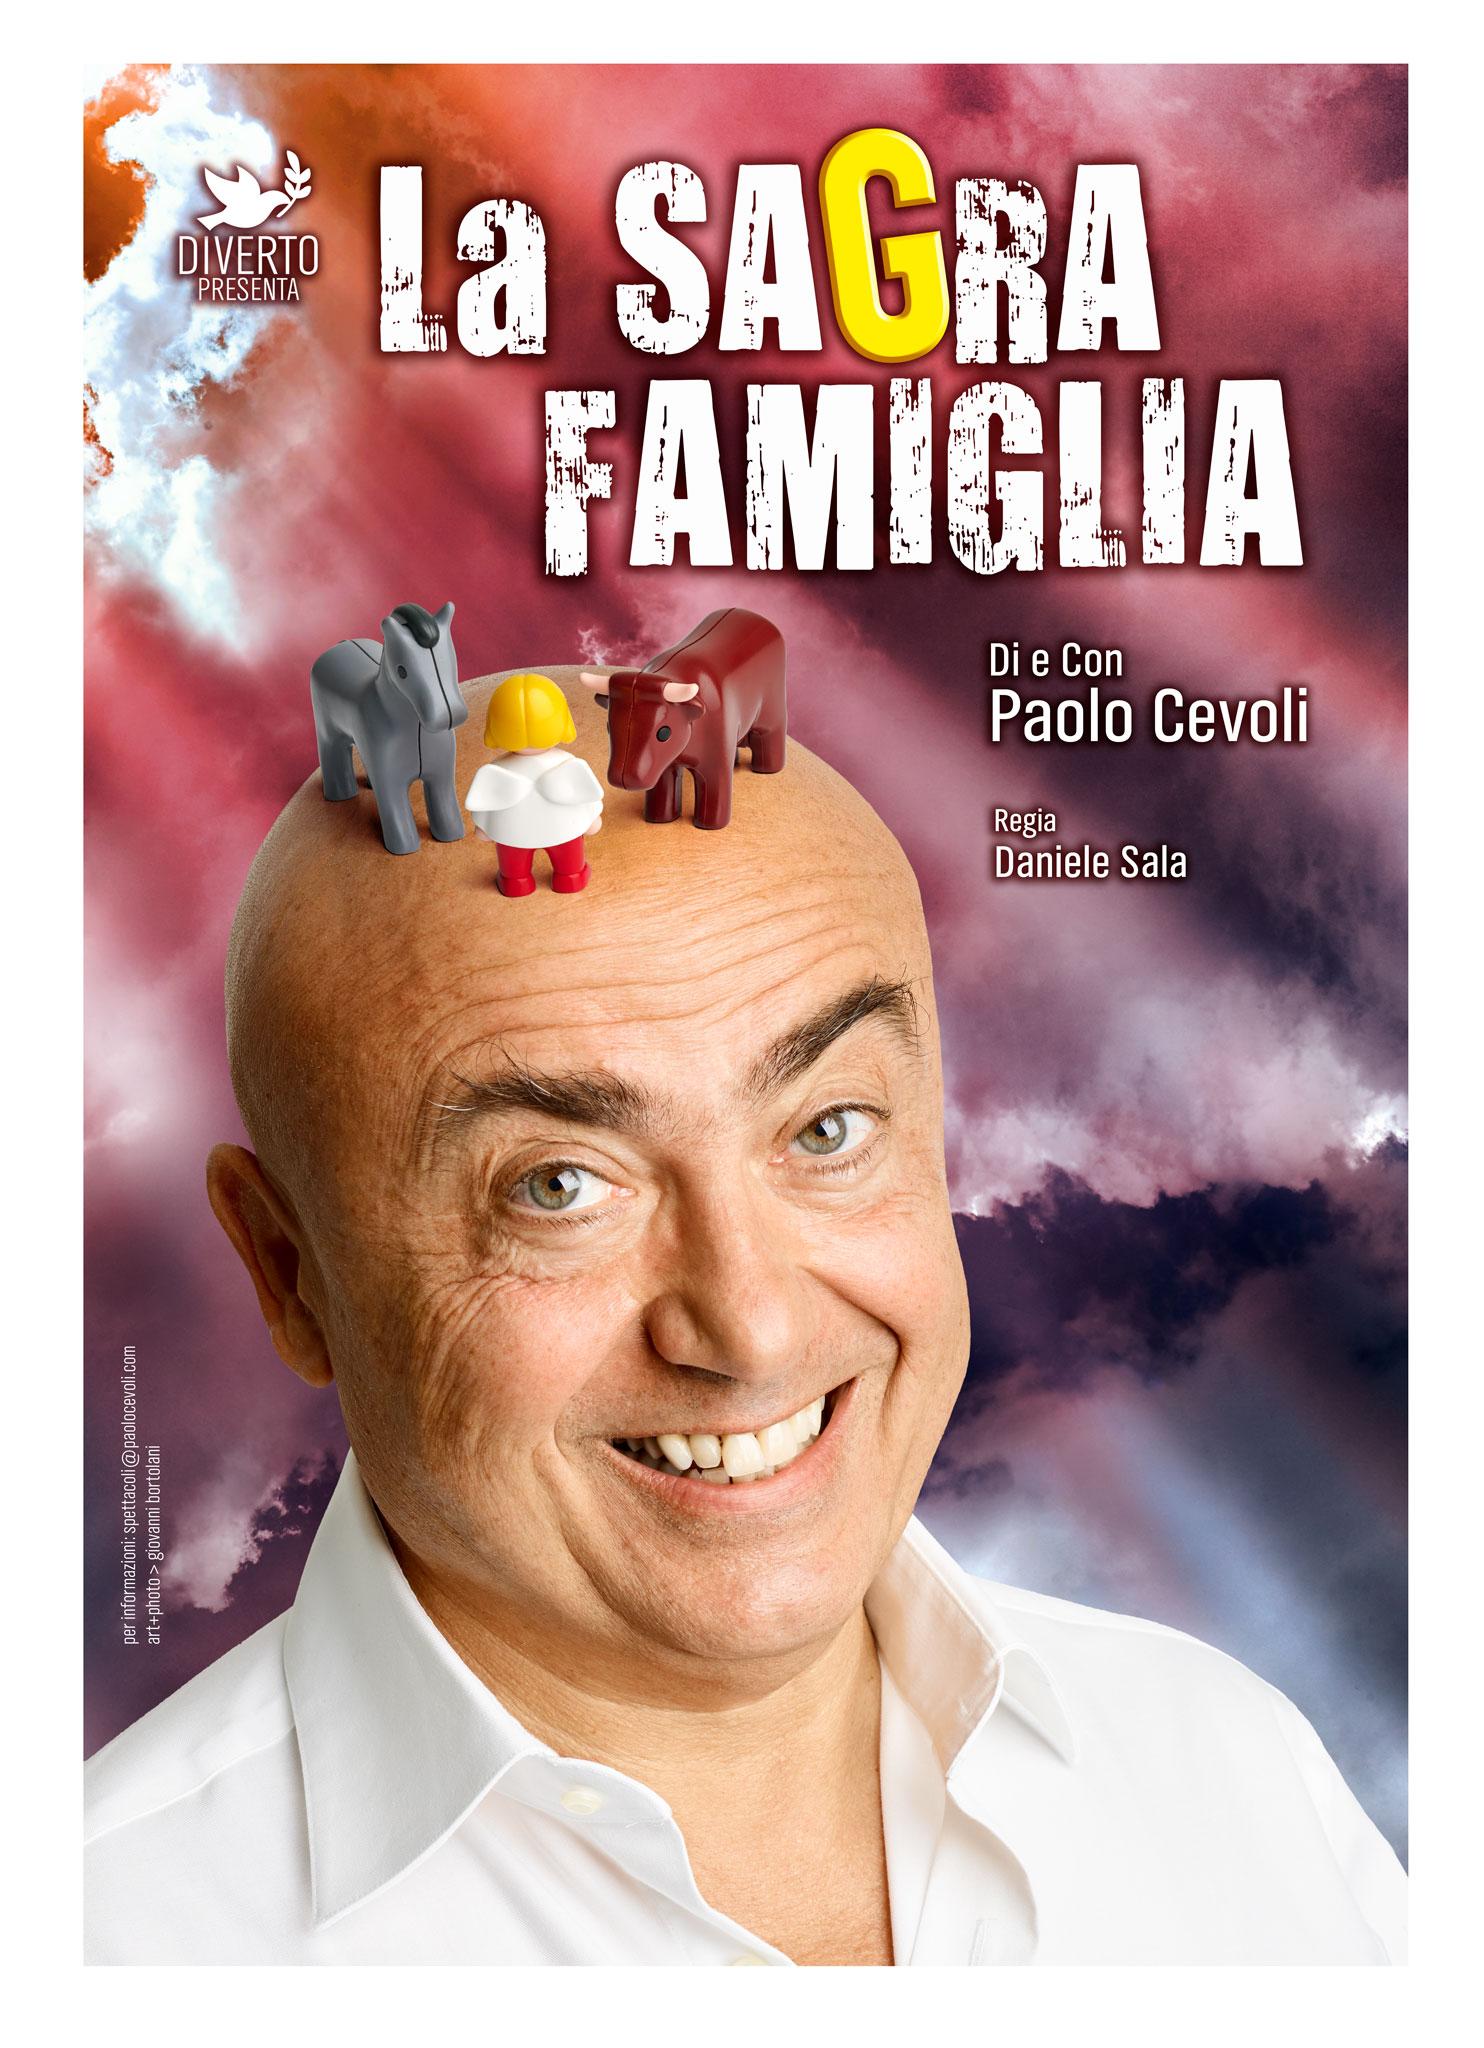 La Sagra Famiglia Paolo Cevoli locandina